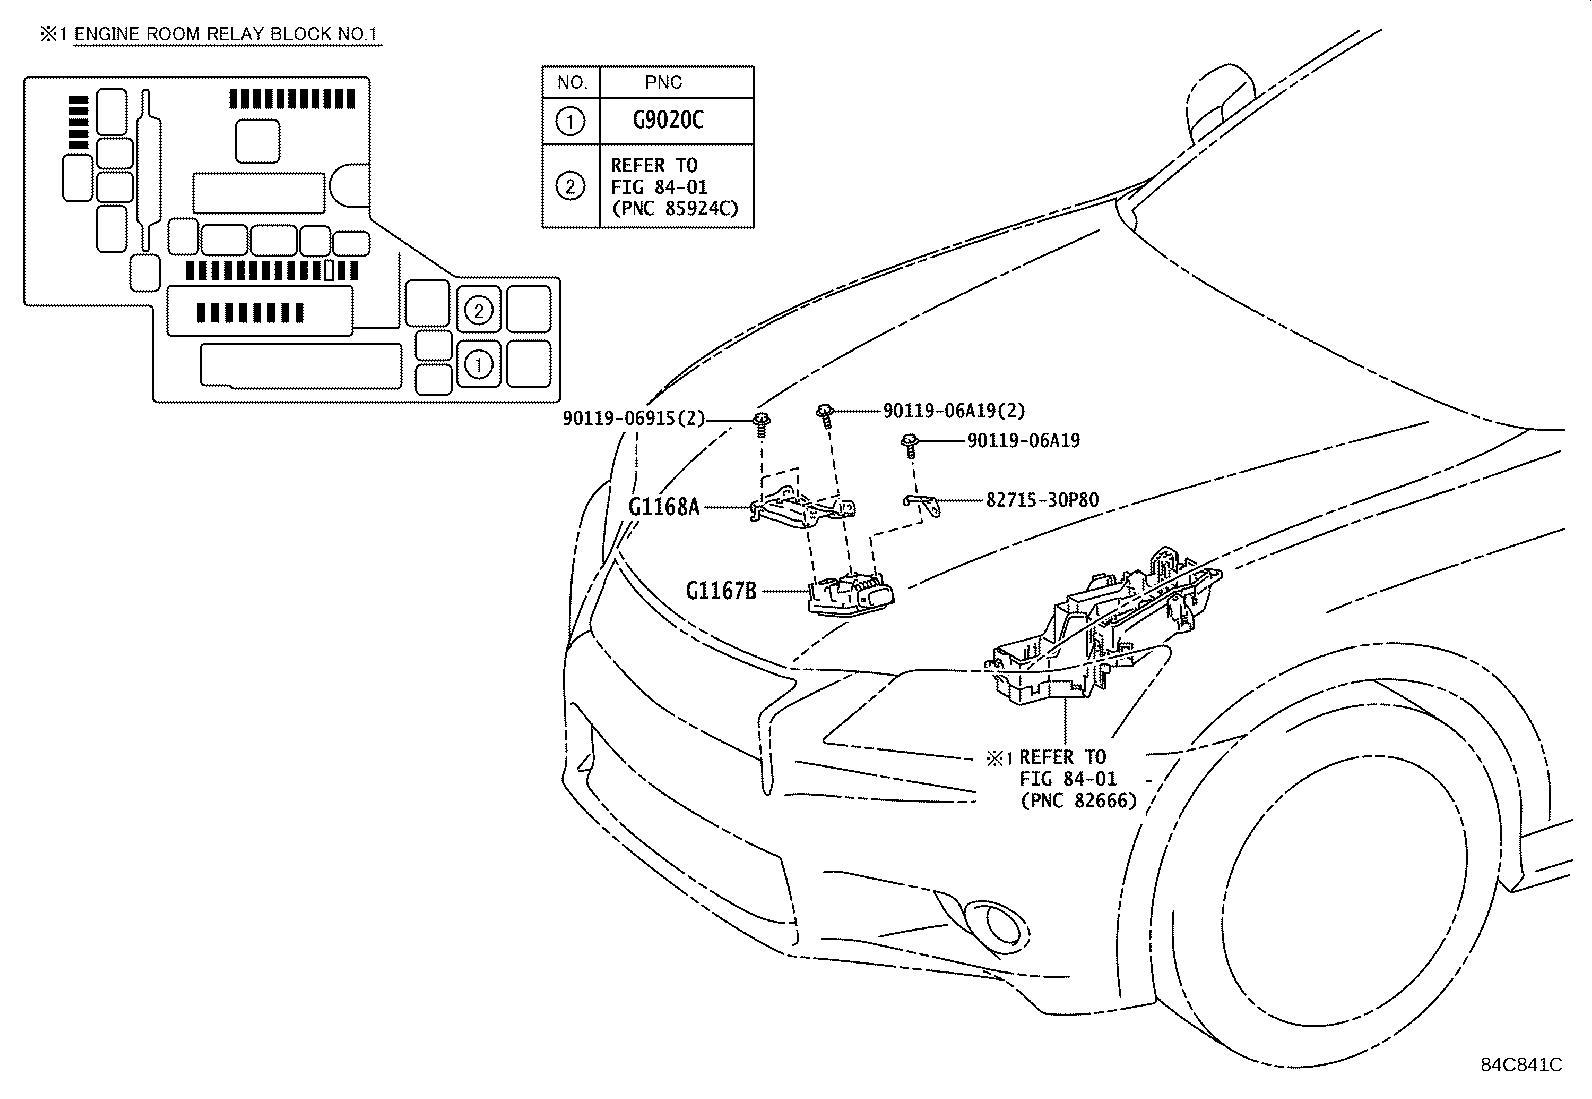 G116830030 - Bracket, oil pump motor controller ...